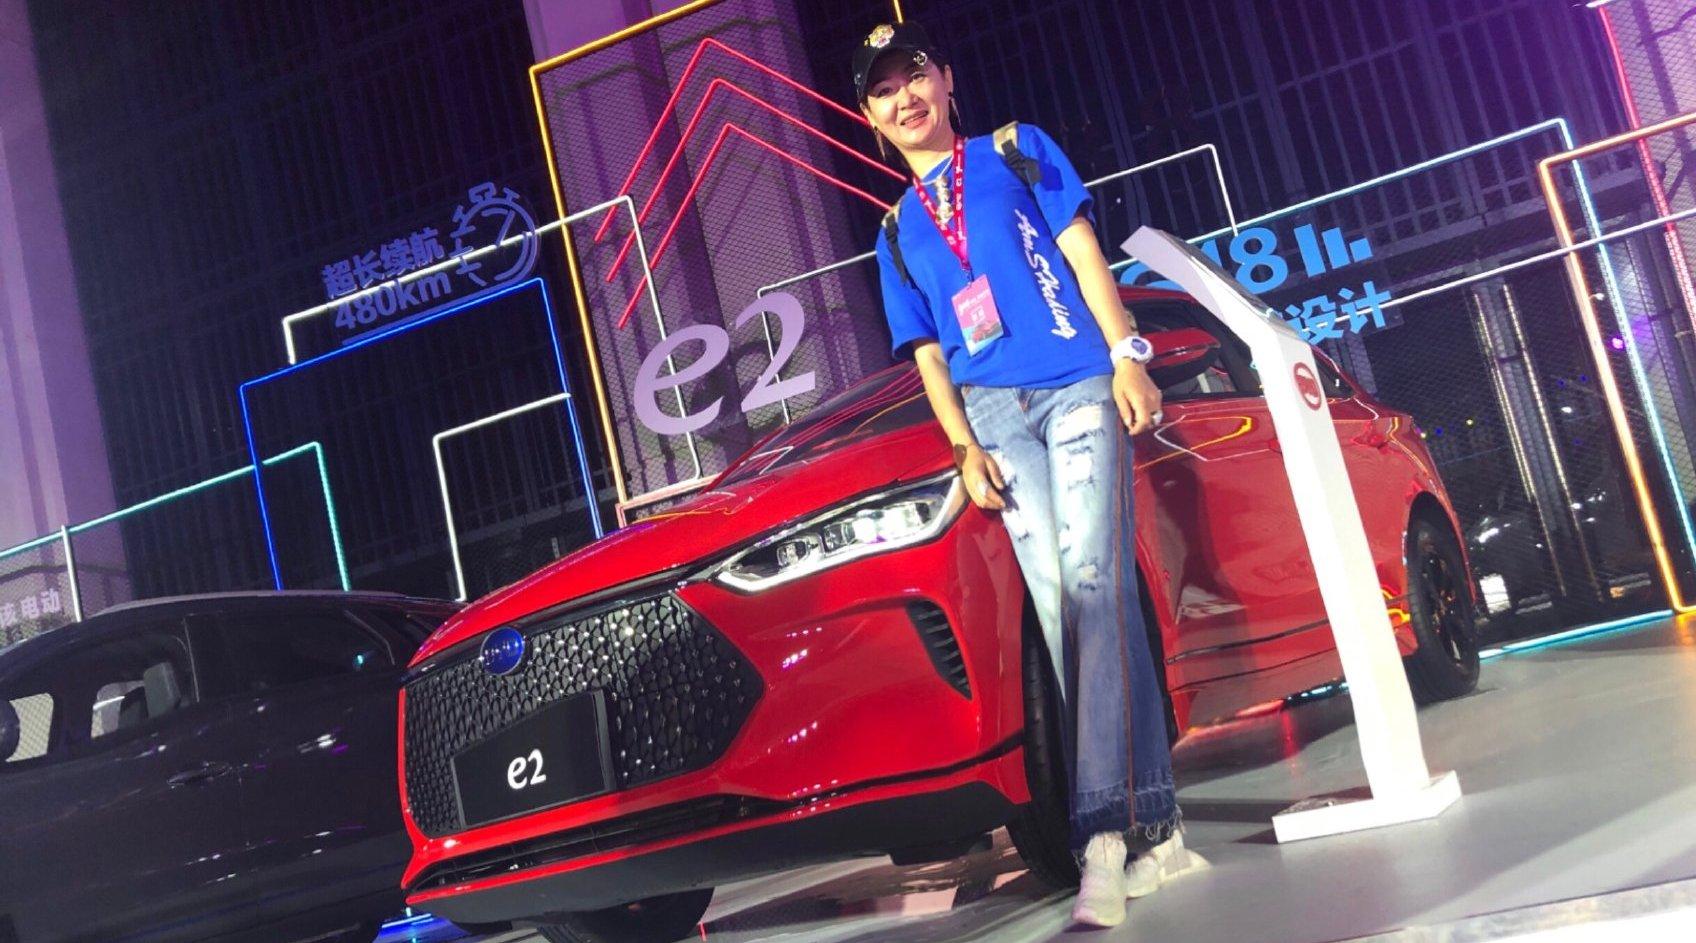 比亚迪旗下e系列首款新能源跨界车型e2在深圳上市 @比亚迪汽车